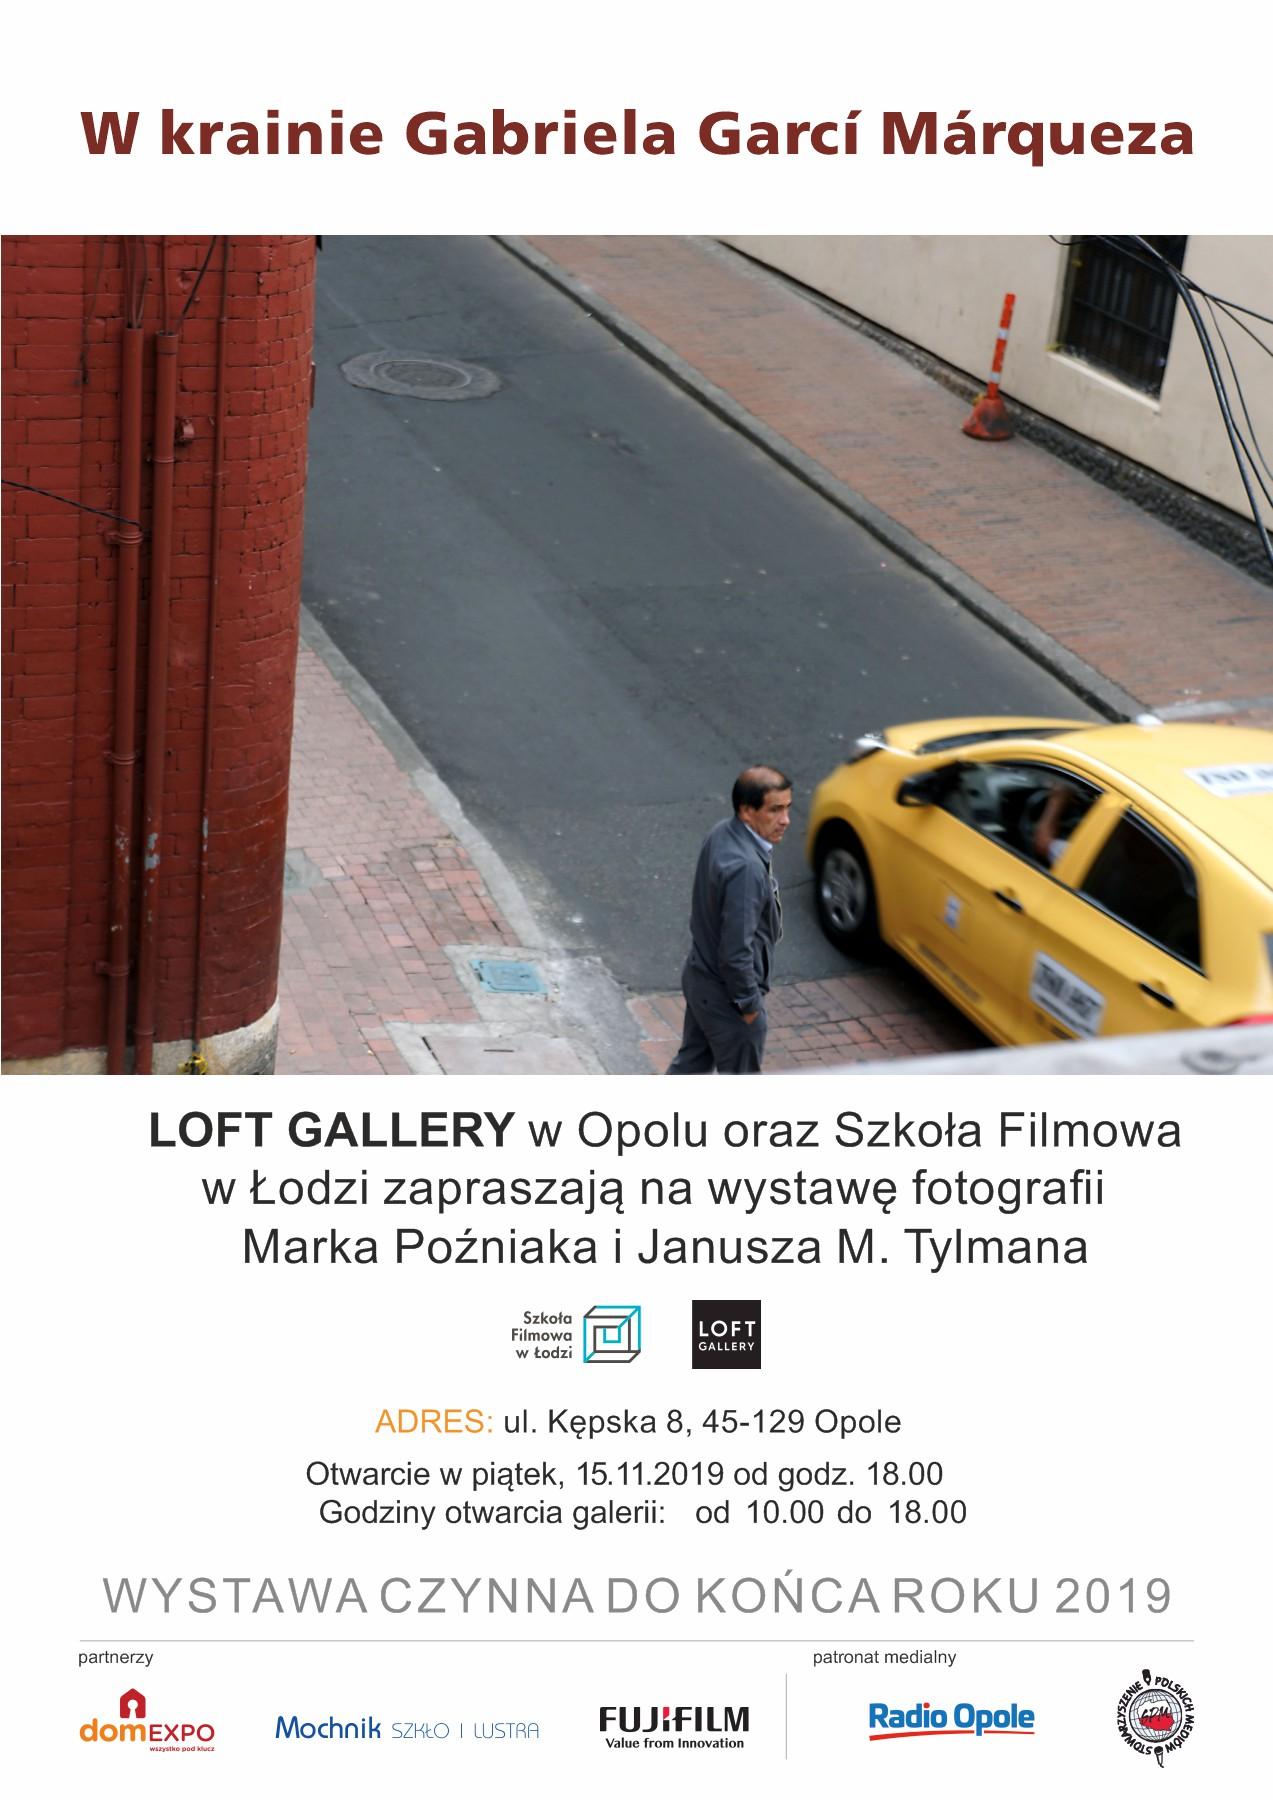 Loft Gallery w Opolu oraz Szkoła Filmowa w Łodzi zapraszają na wystawę fotografii Marka Poźniaka i Janusza M. Tylmana pt.